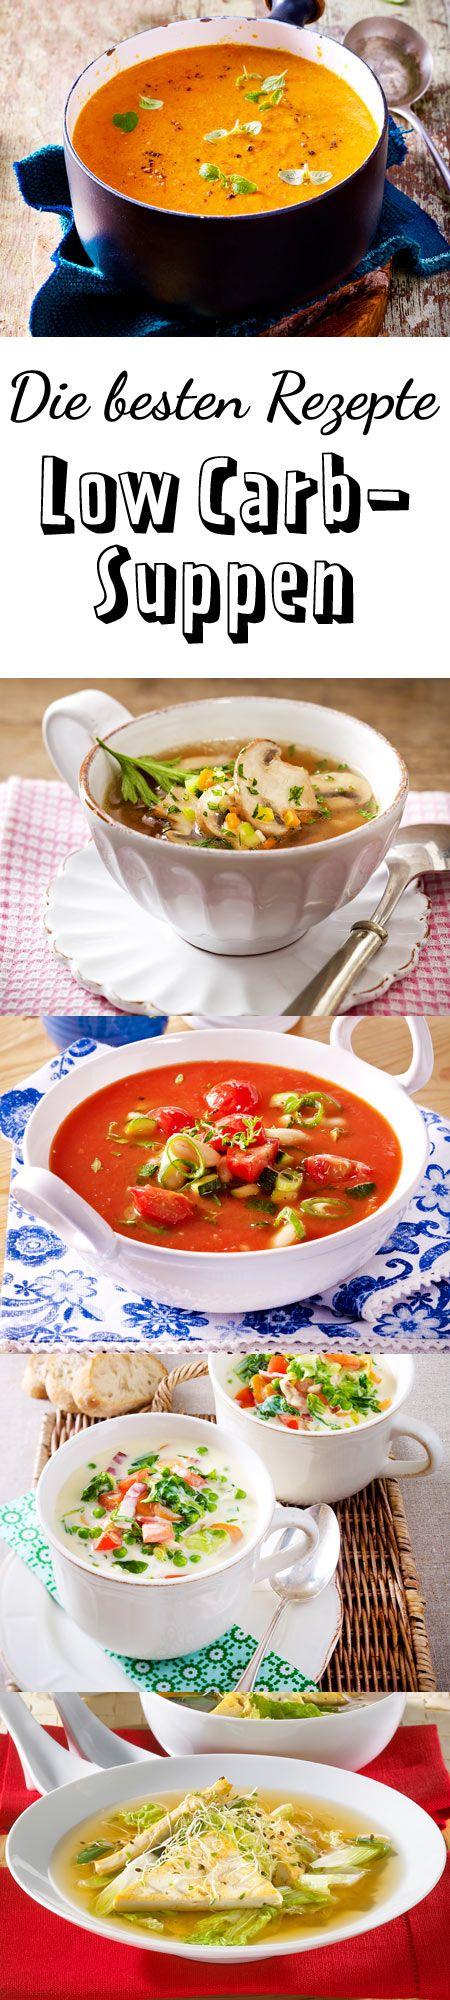 Leichte Gerichte zum Löffeln - wir lieben #lowcarb Suppe!